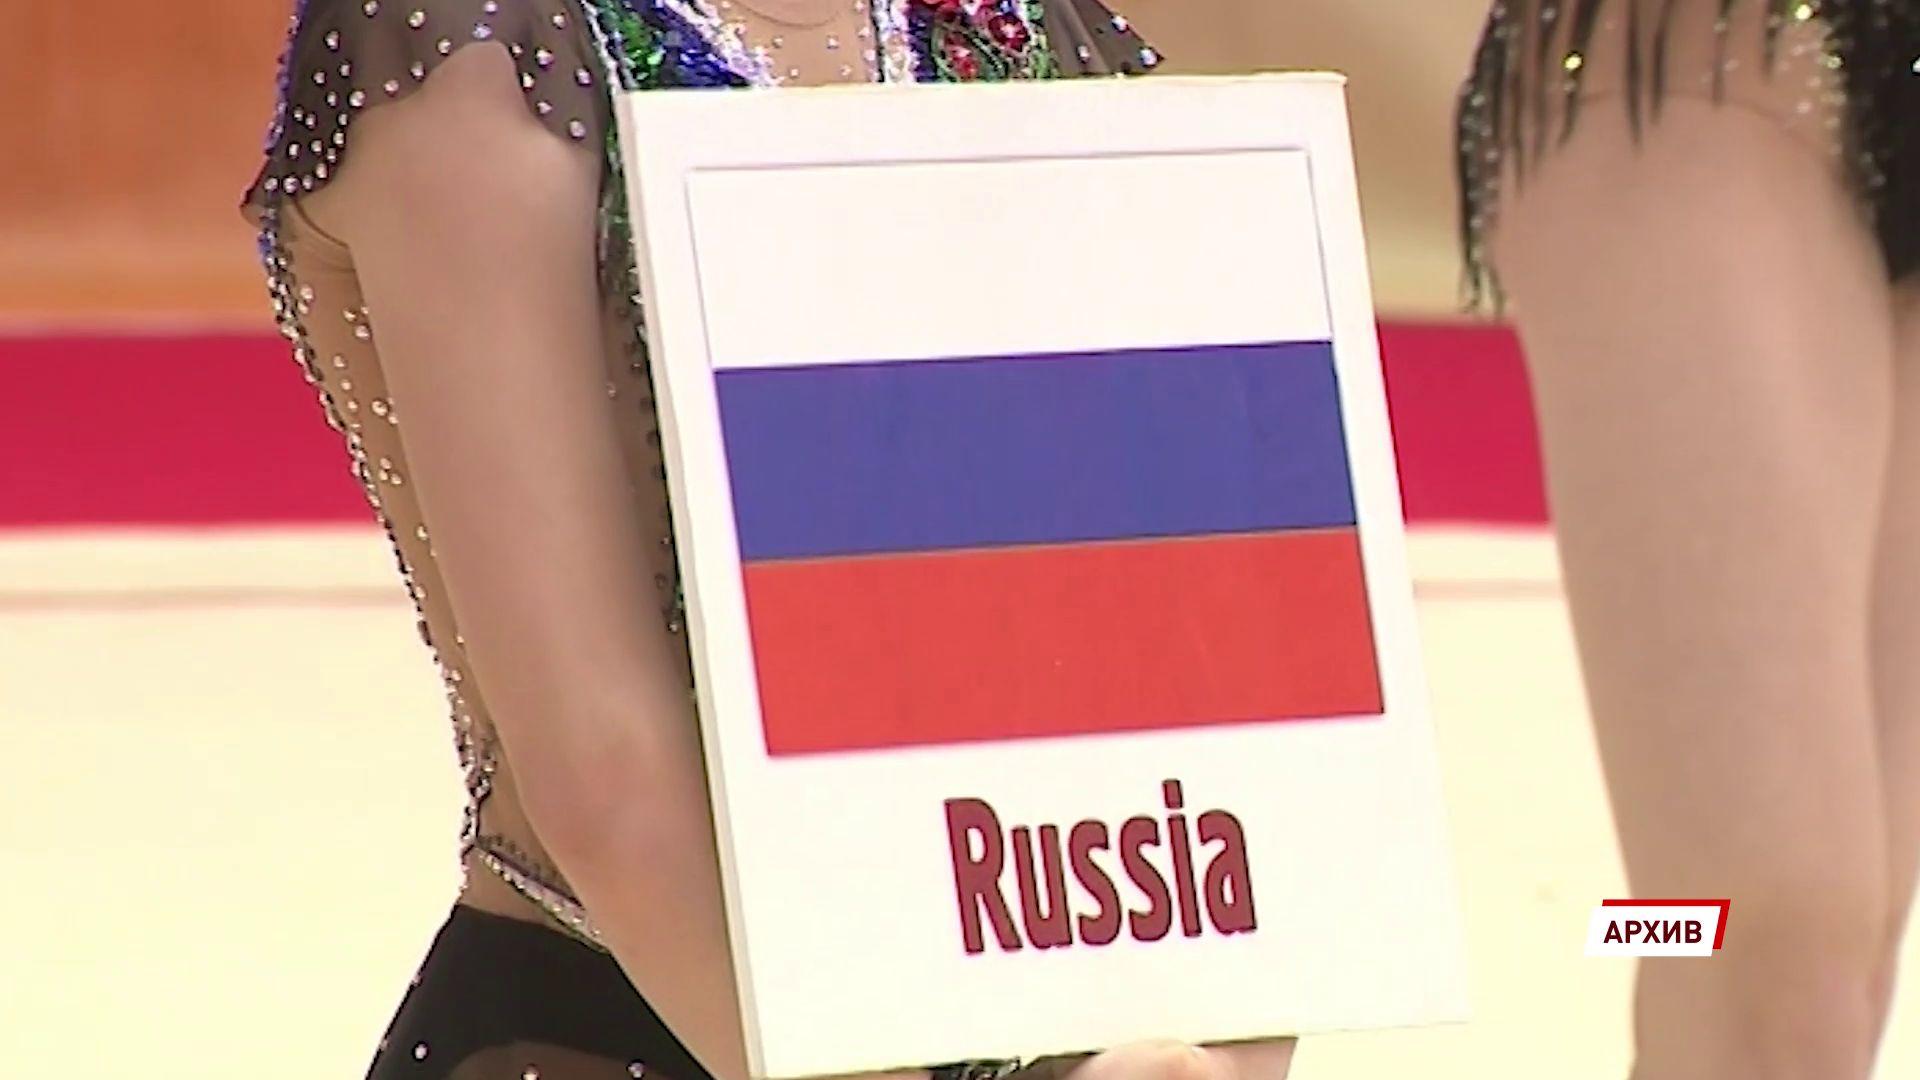 Ярославна выиграла открытый турнир по художественной гимнастике